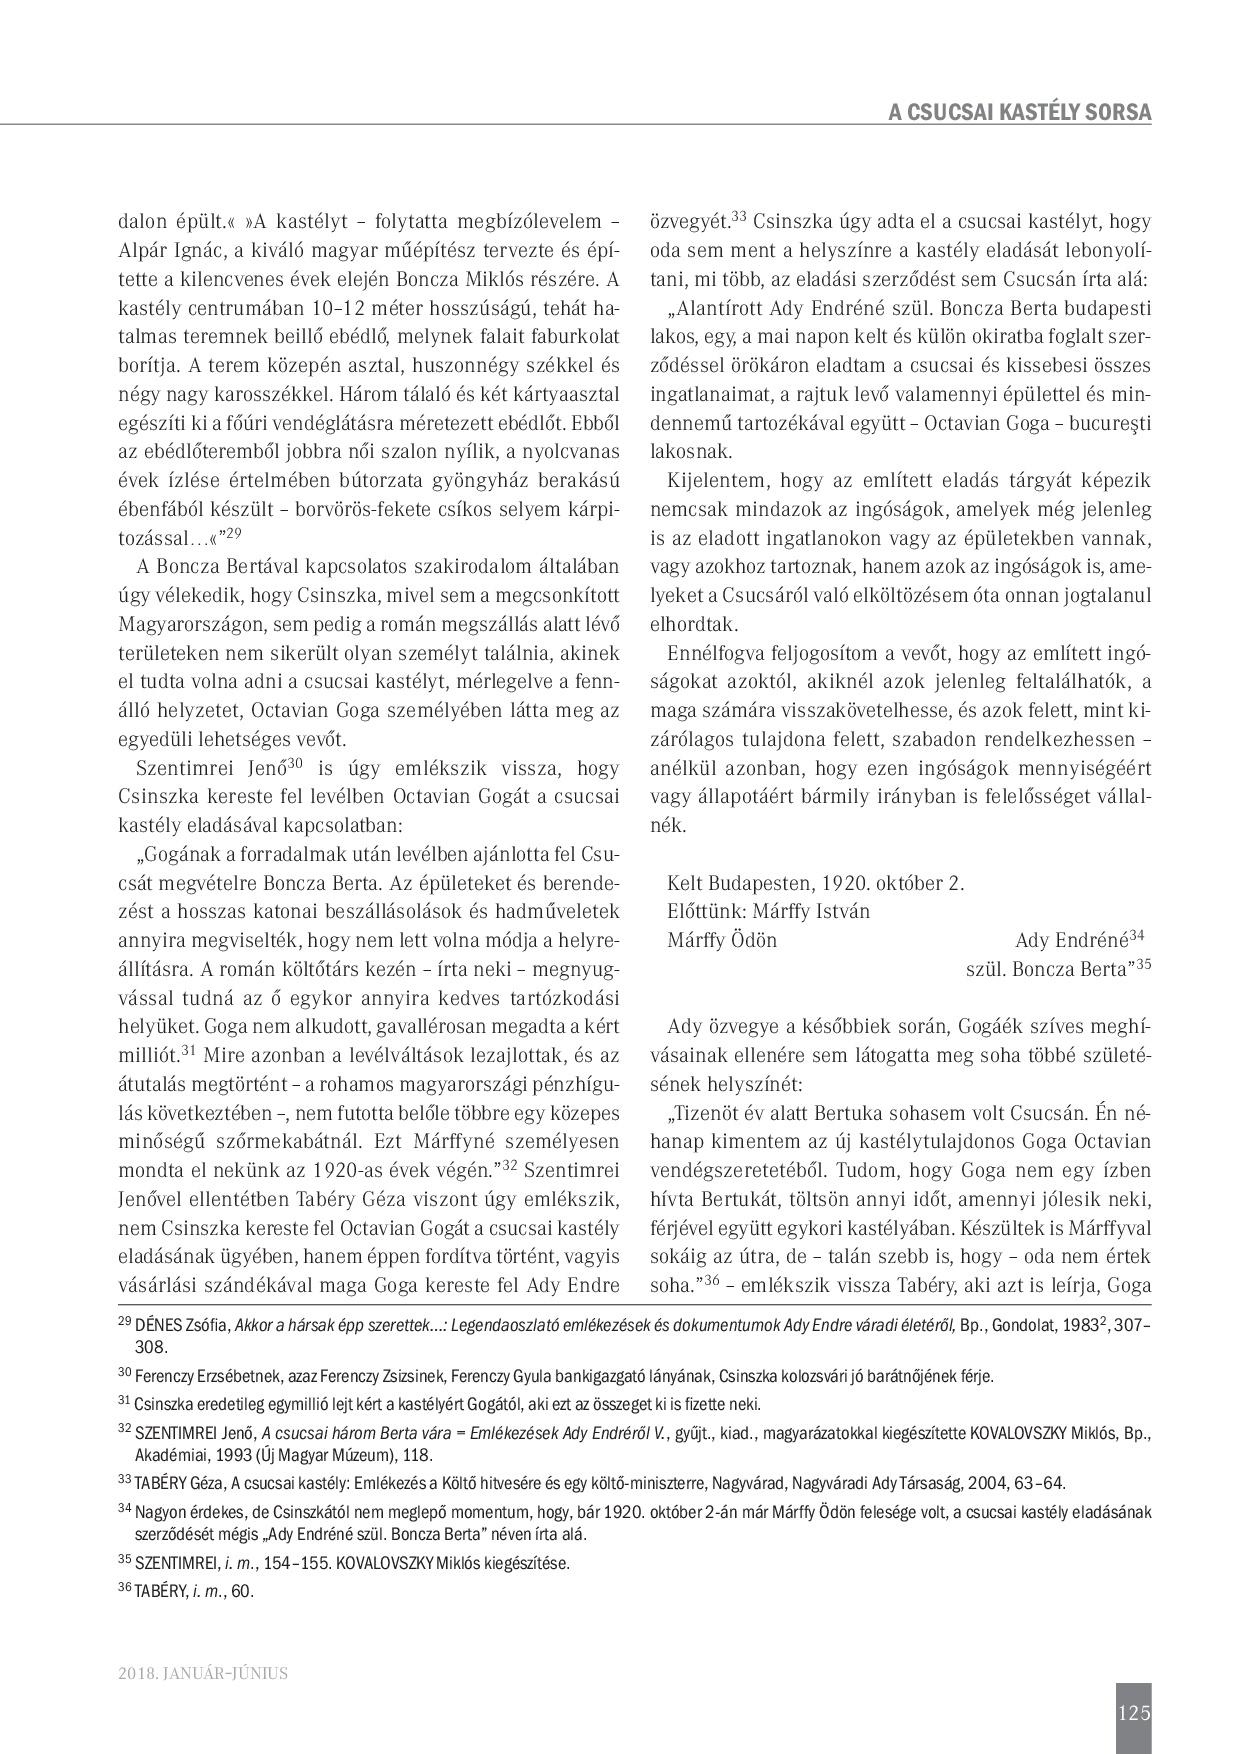 trianoni_szemle_pdf_1_-005.jpg